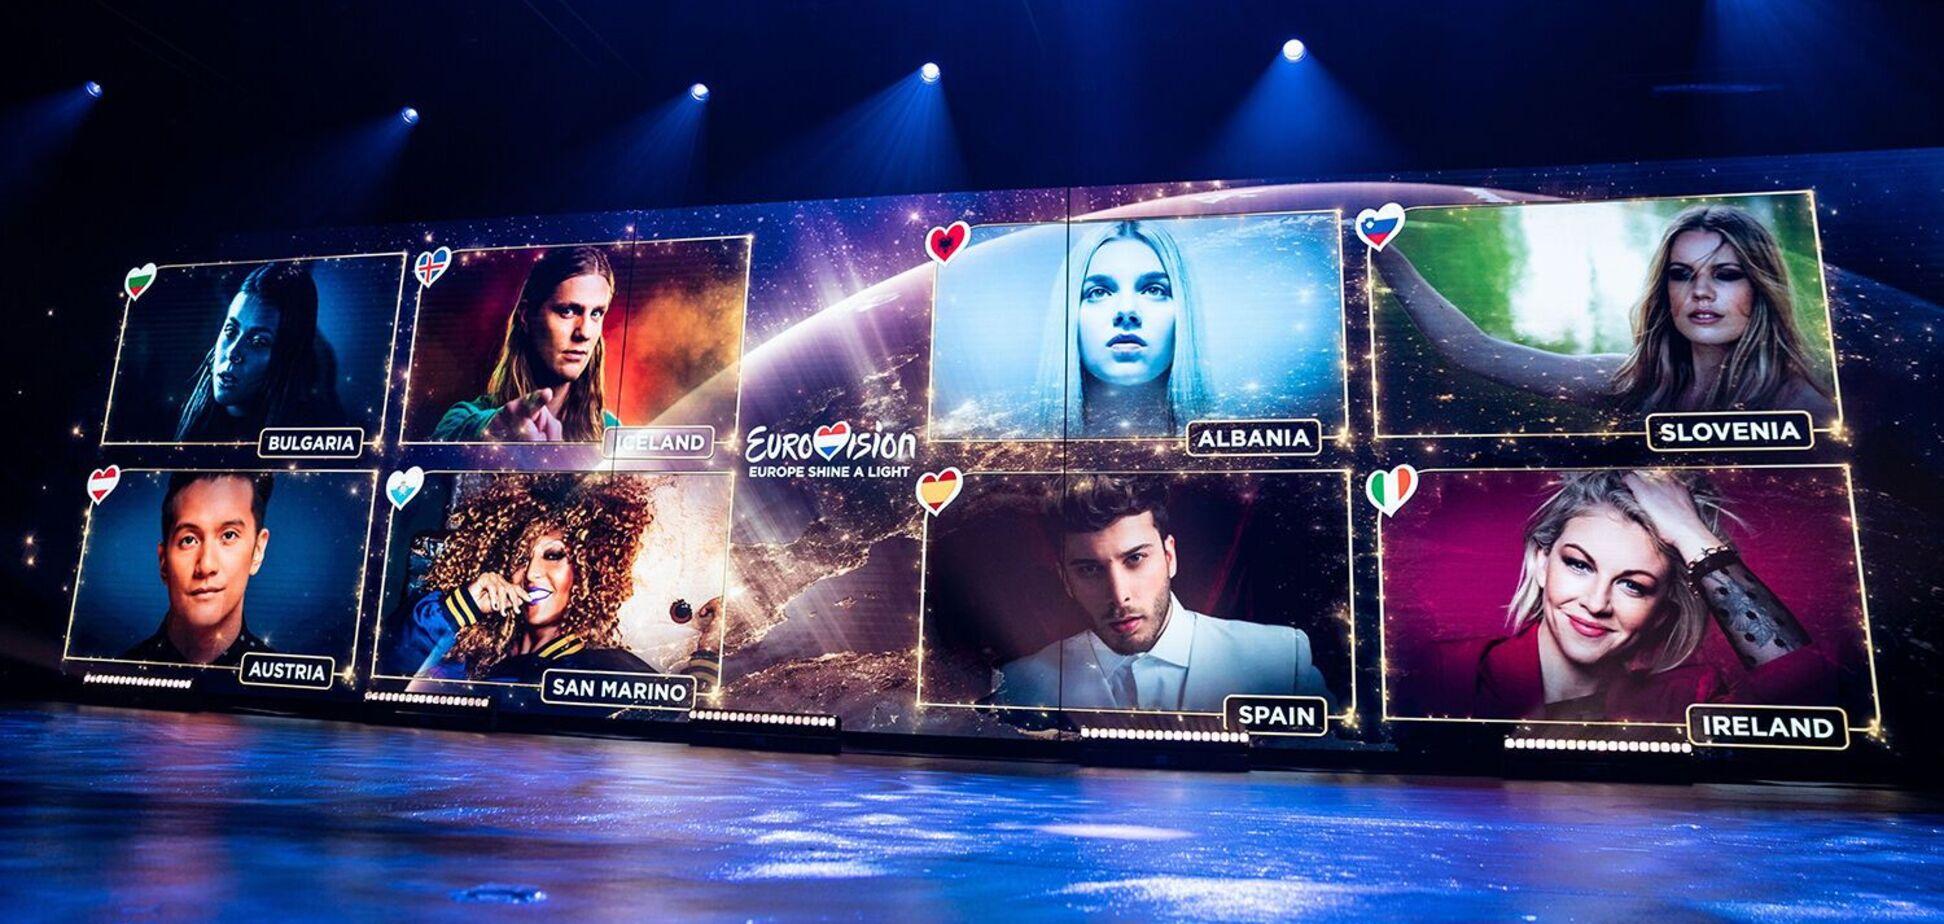 Євробачення 2021: в якому півфіналі та коли виступить Україна